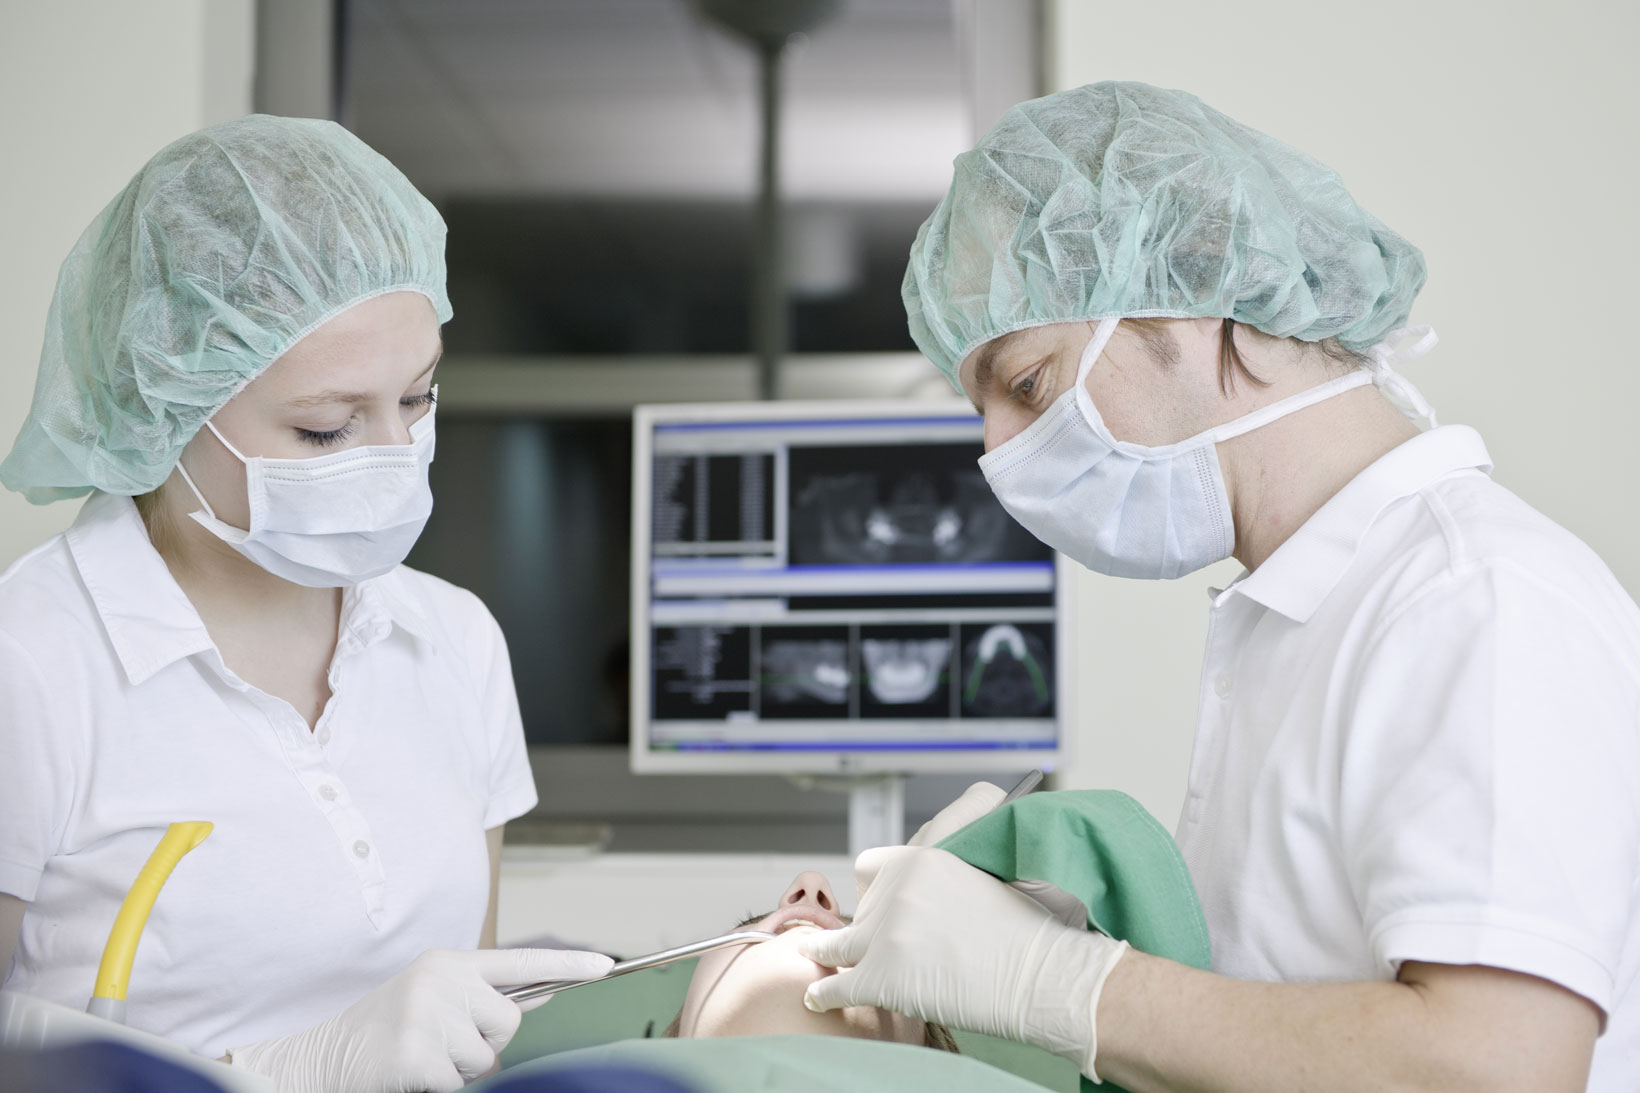 Behandlung Zahnarzt Prophylaxe